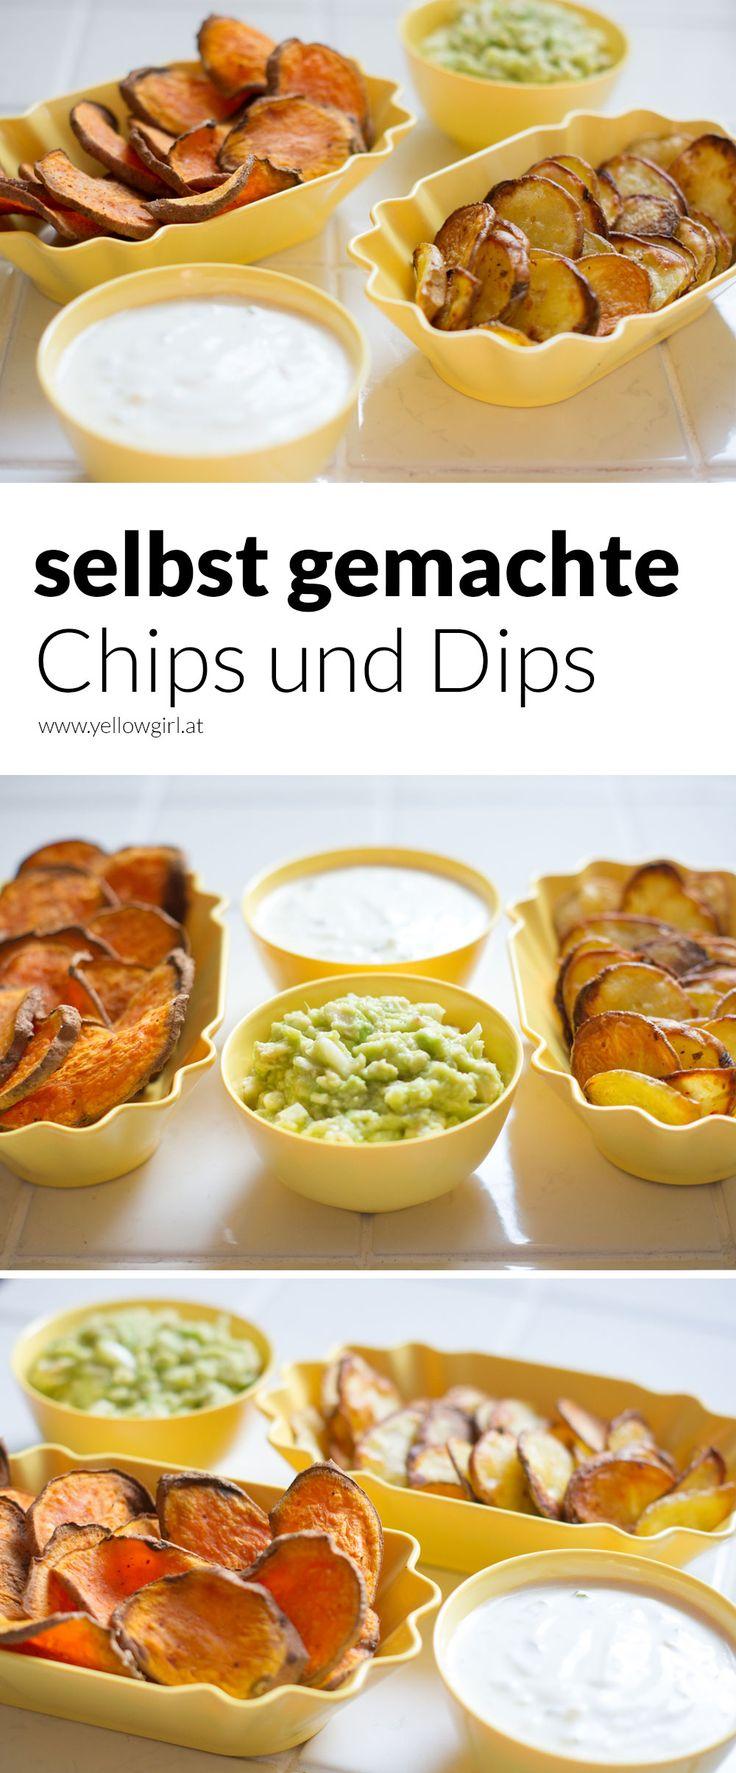 Selbst gemachte Chips zum EM-Finale - yellowgirl der DIY und lifestyle Blog